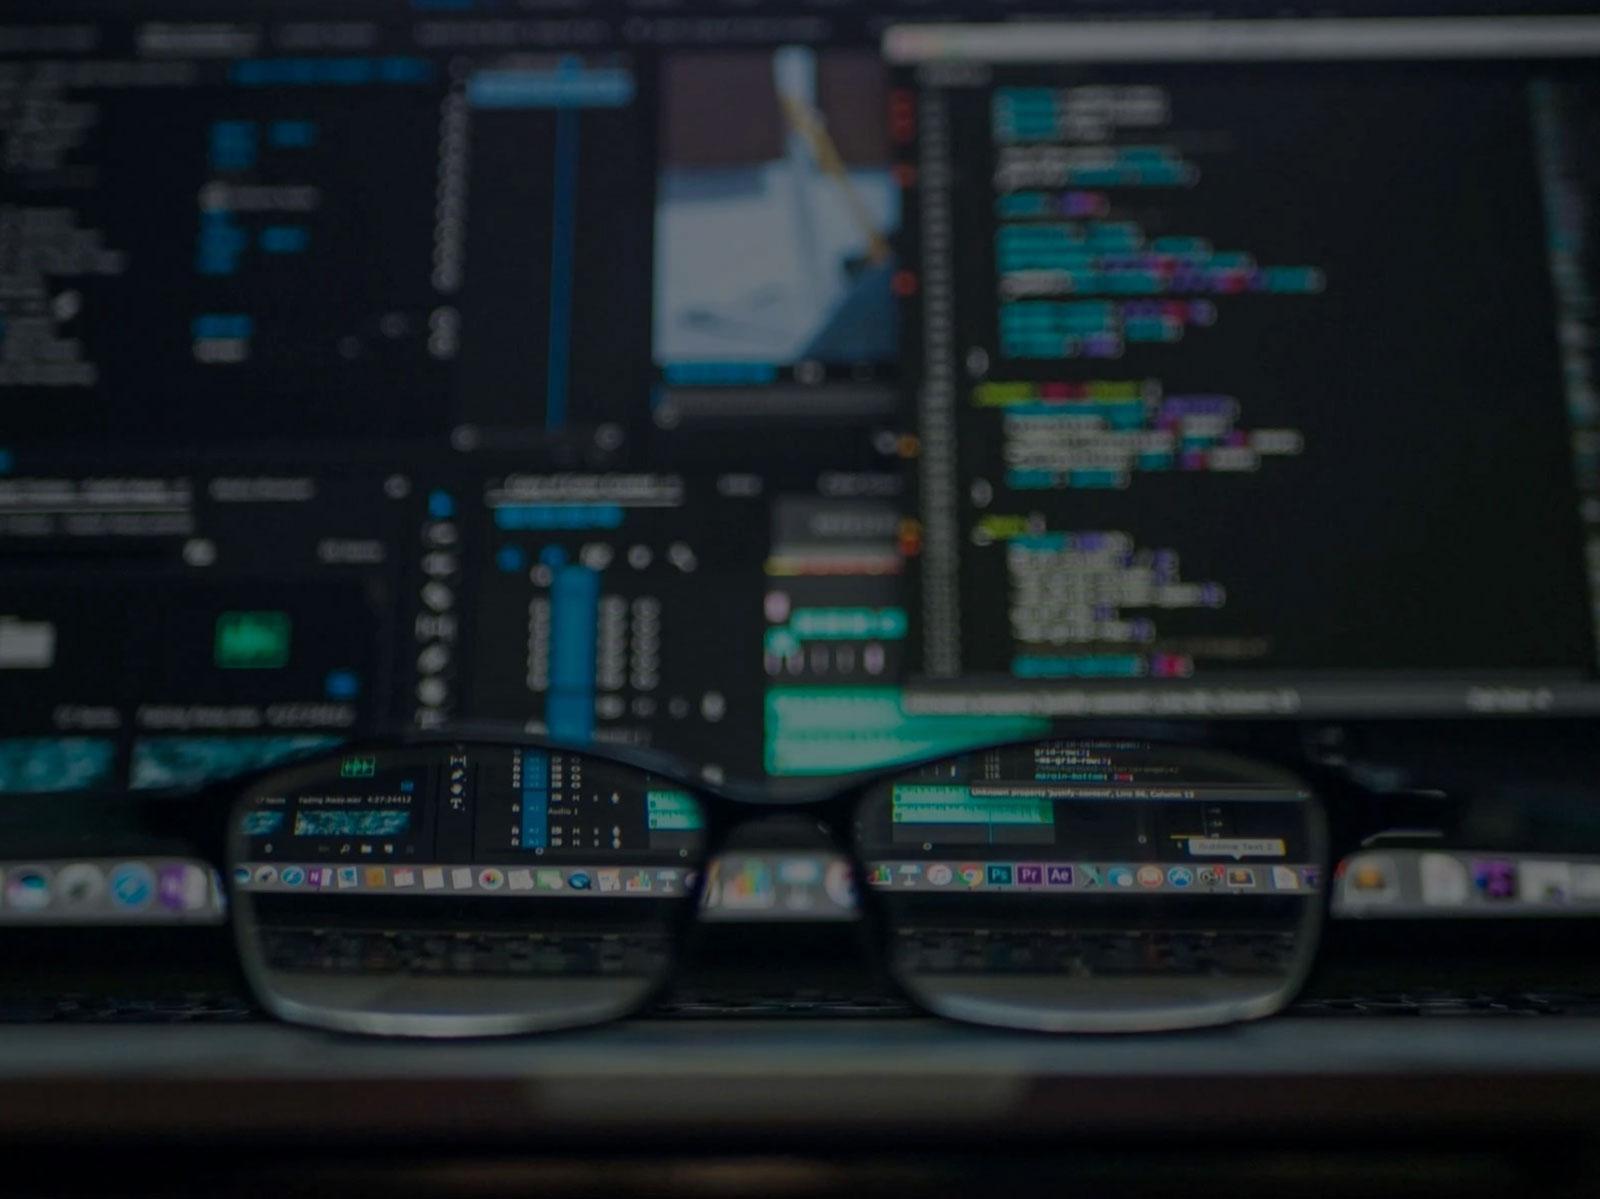 ¿Cuáles son los mejores lenguajes de programación?